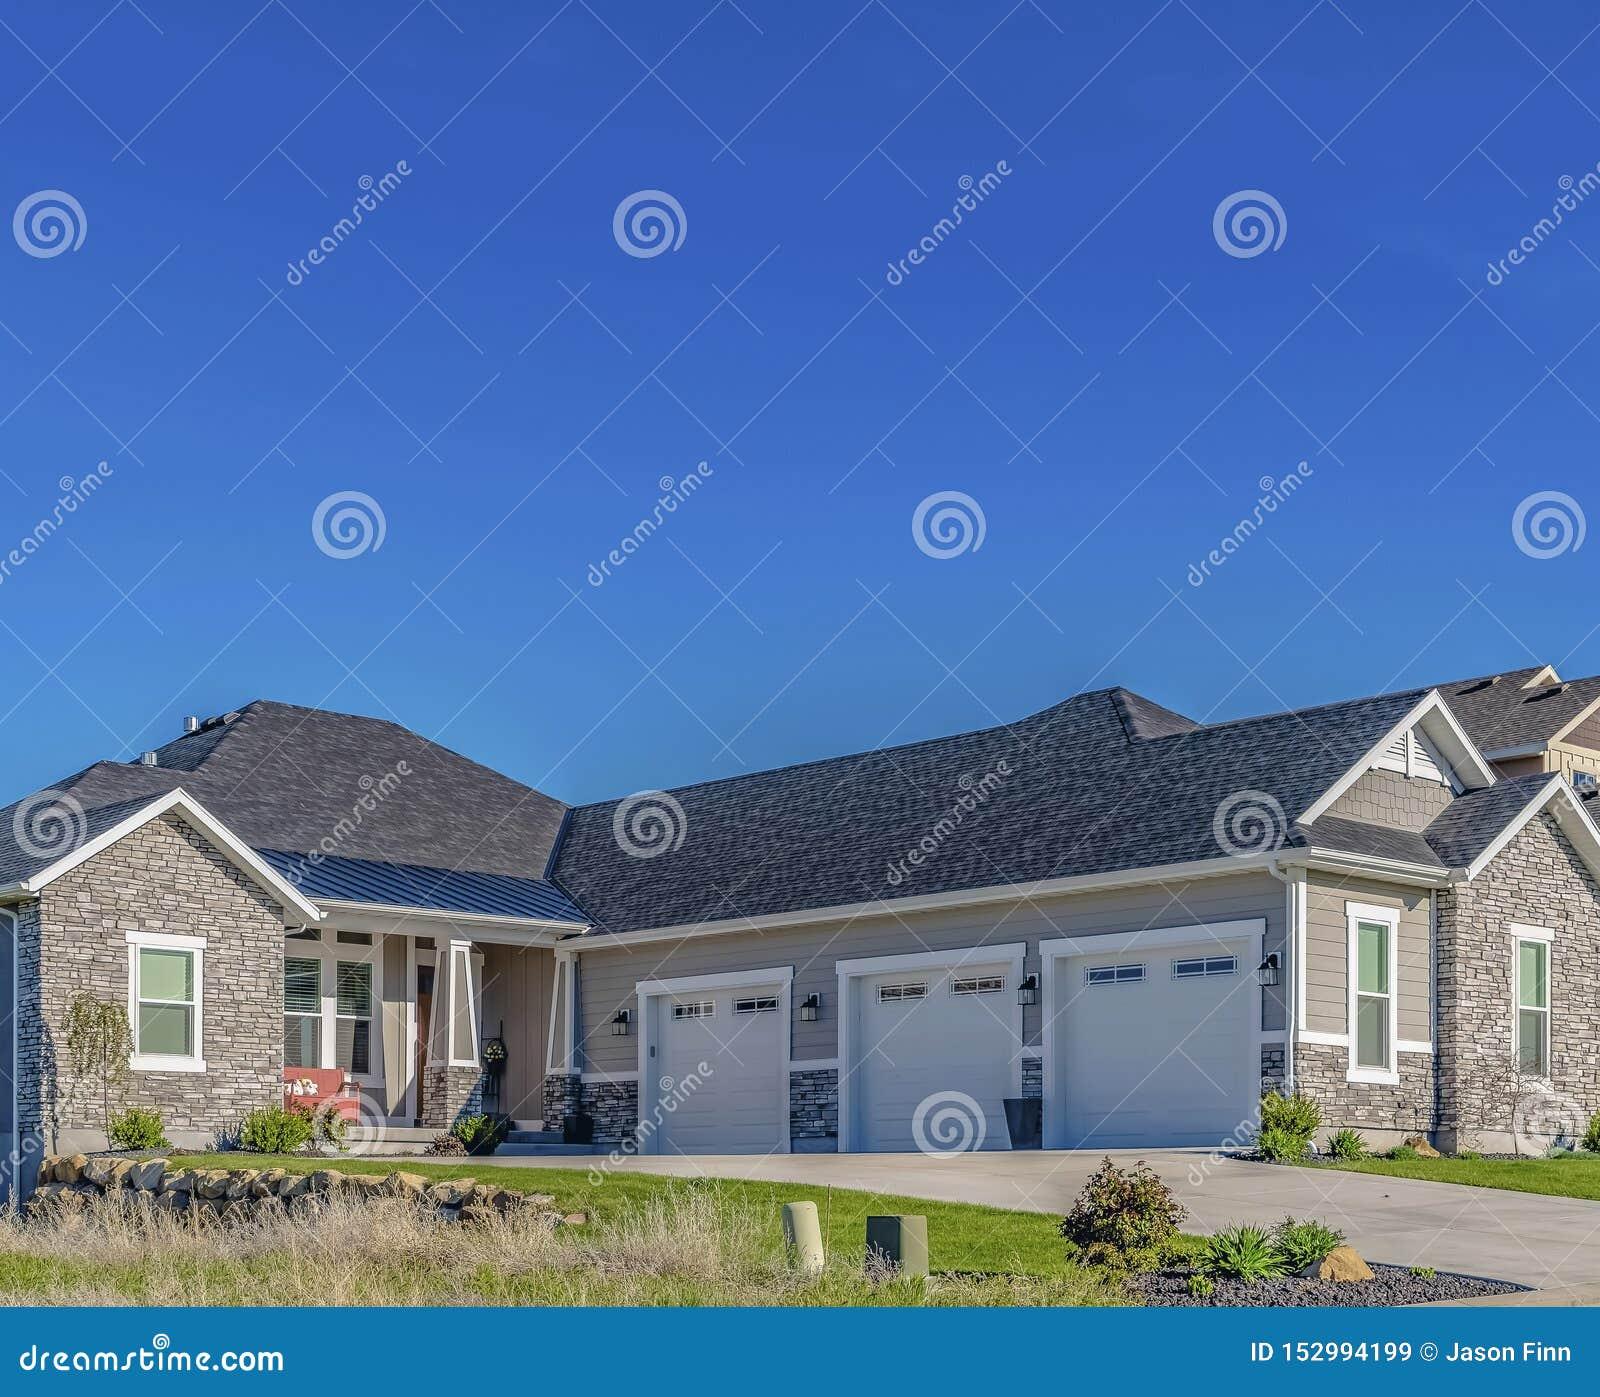 Voorgevel van huis met concrete oprijlaan voor drie garagedeuren en portiek